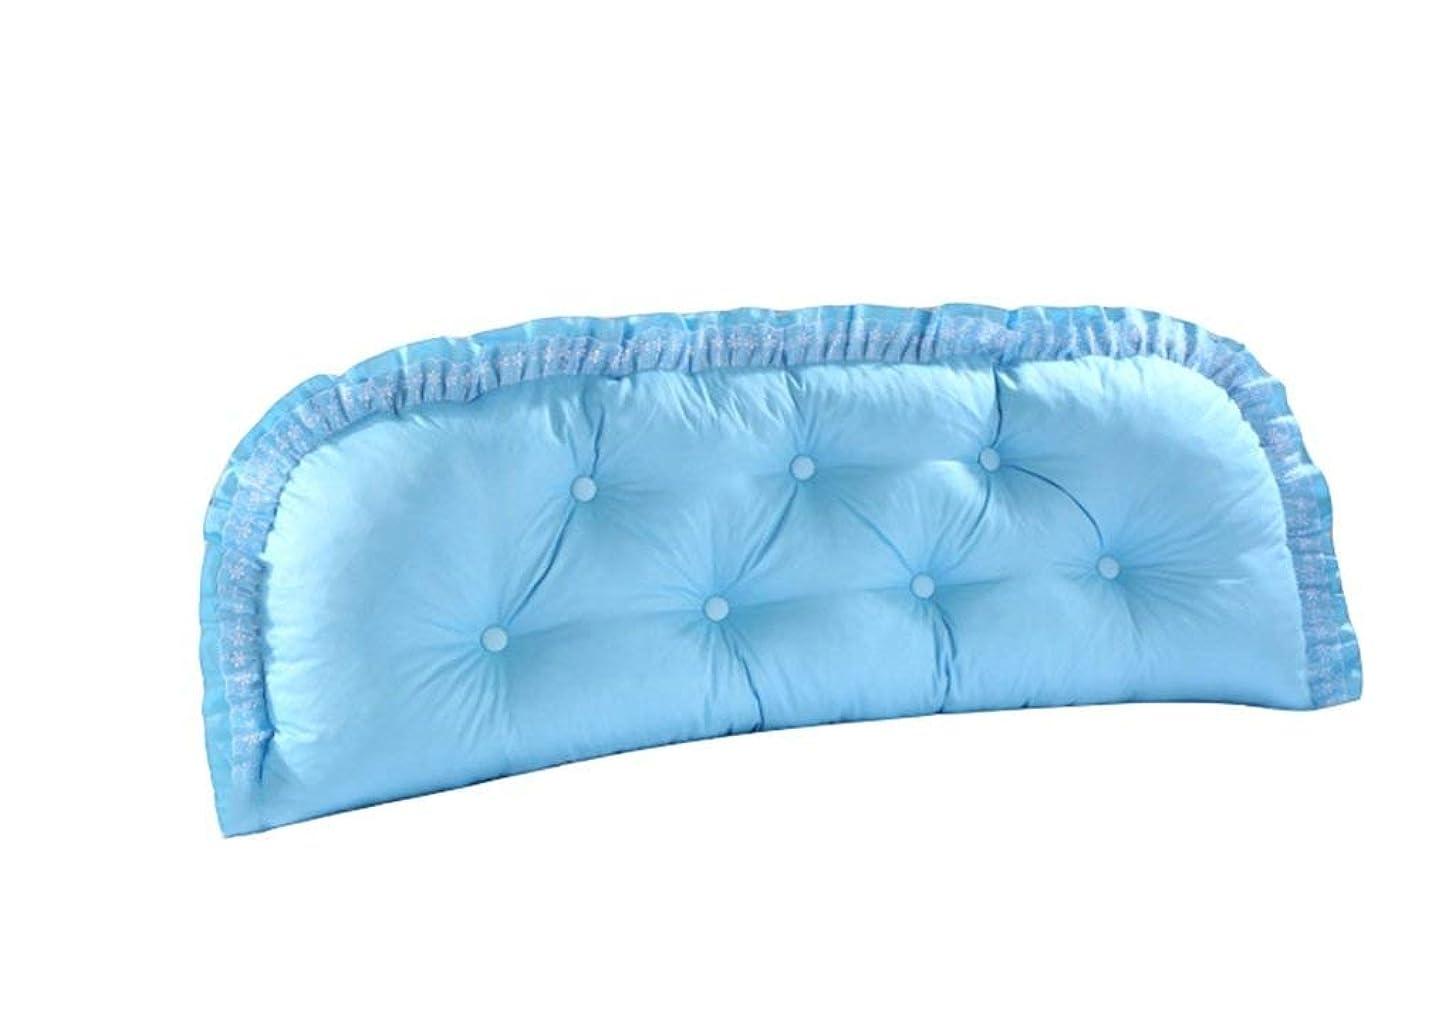 刈る要求ビット31-luoshangqing 取り外し可能な枕二重綿のベッドの柔らかい袋の大きいベッドの枕 (サイズ : 120*55cm)